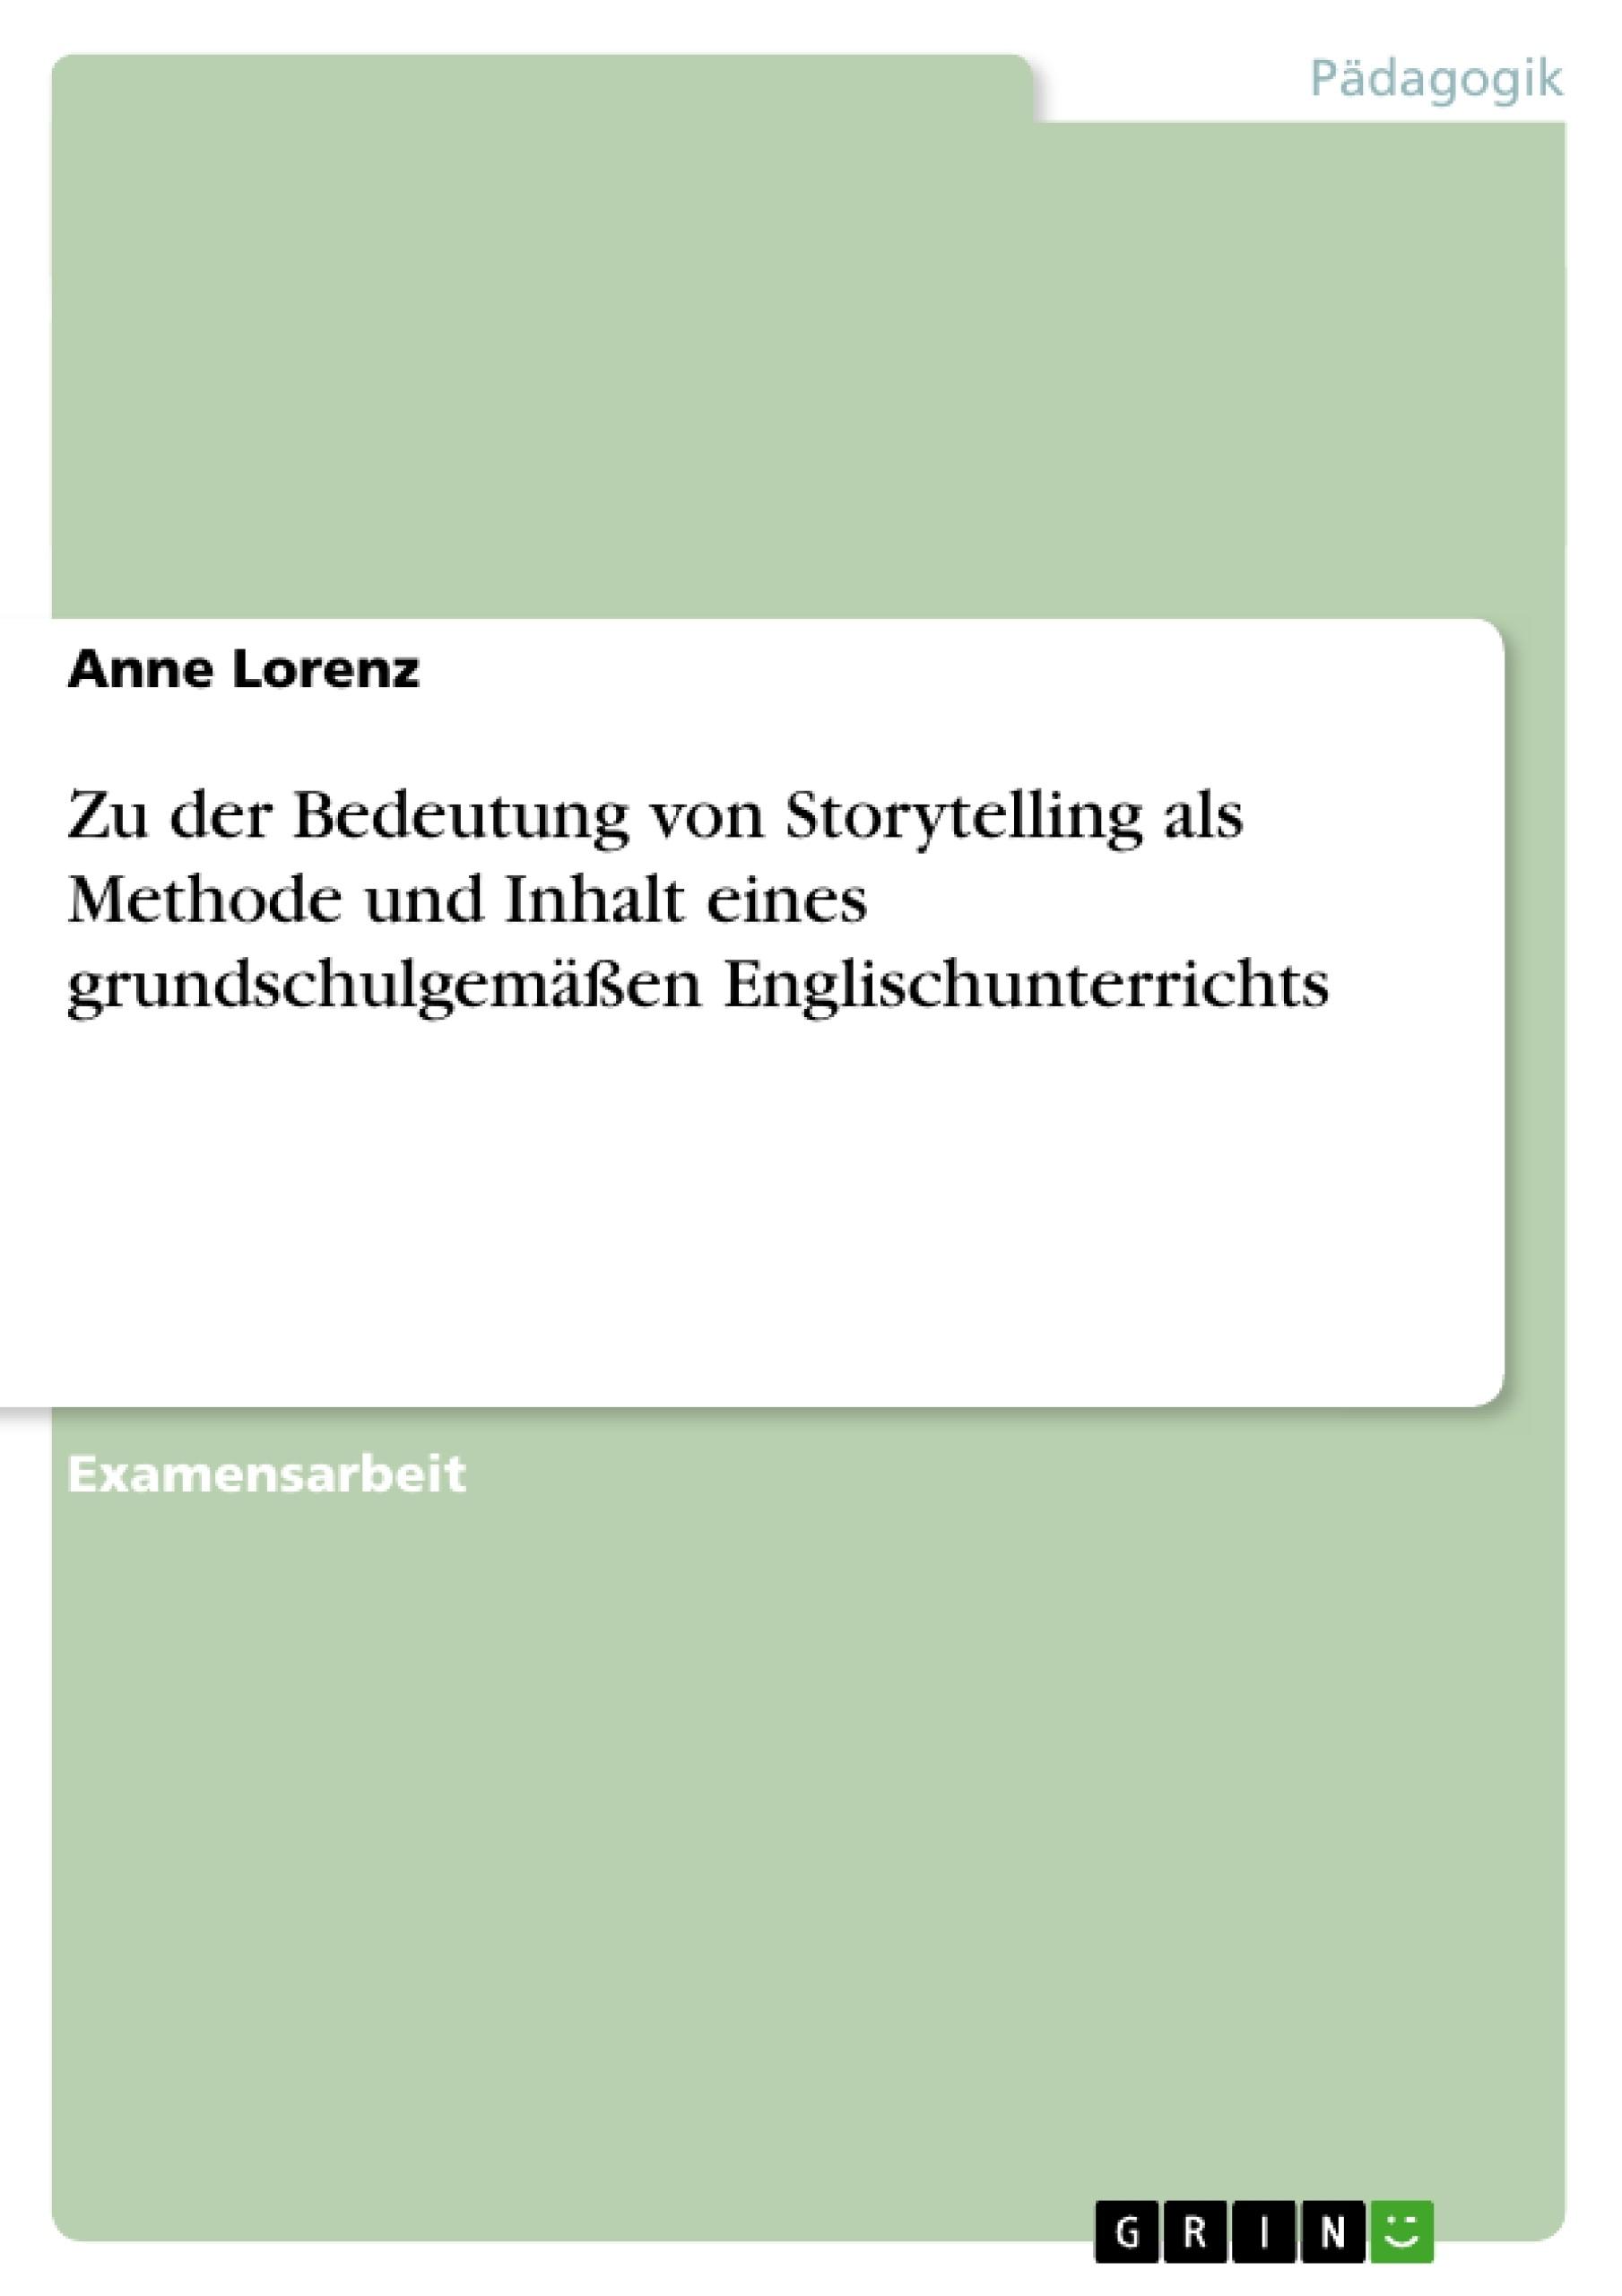 Titel: Zu der Bedeutung von Storytelling als Methode und Inhalt eines grundschulgemäßen Englischunterrichts